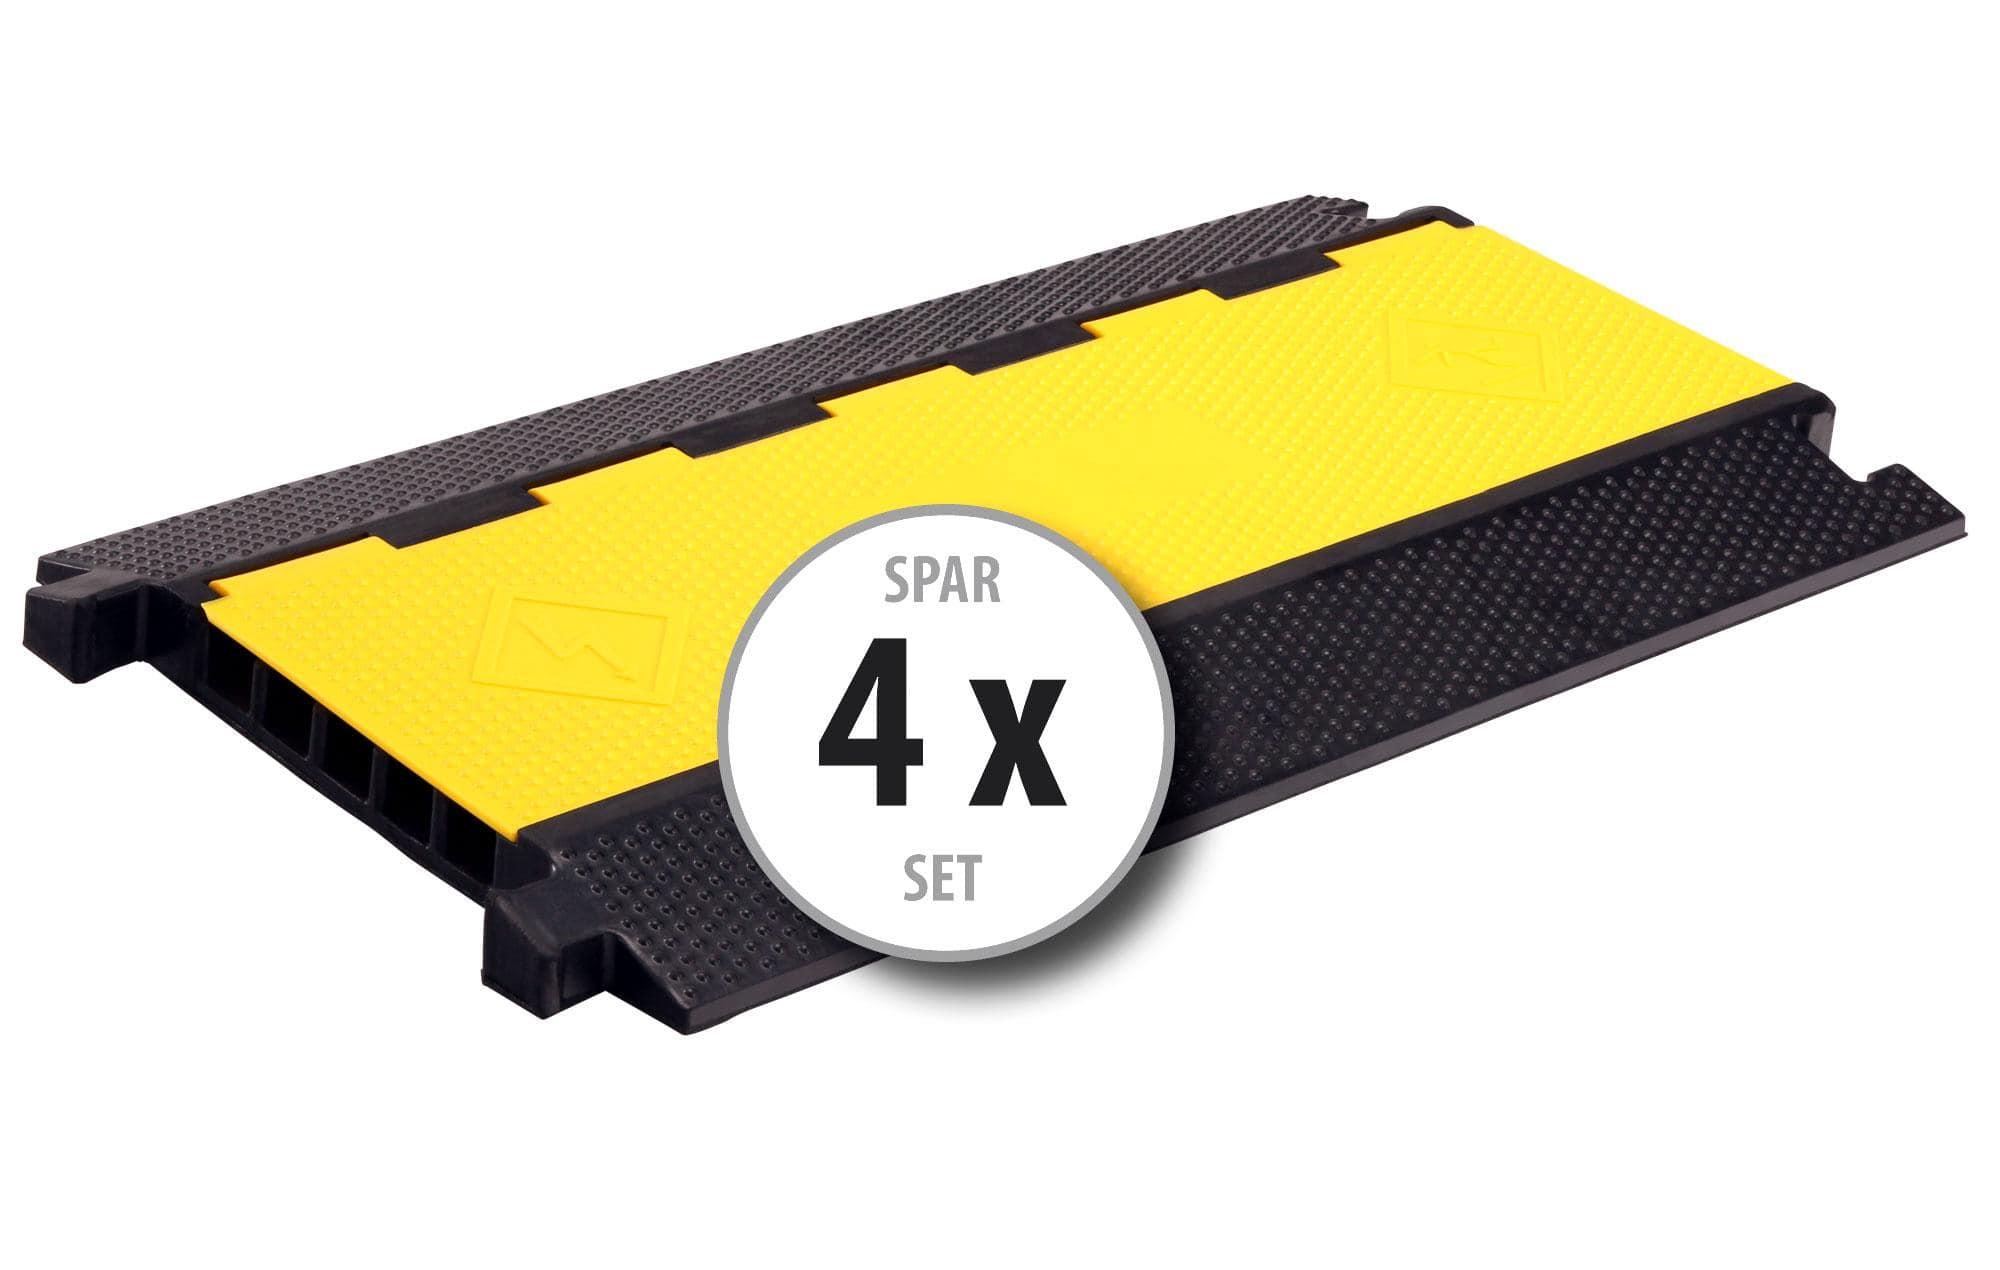 4x Pronomic Protector 5 90L V2 Kabelbrücke 5 Kammer mit Steckverbindung